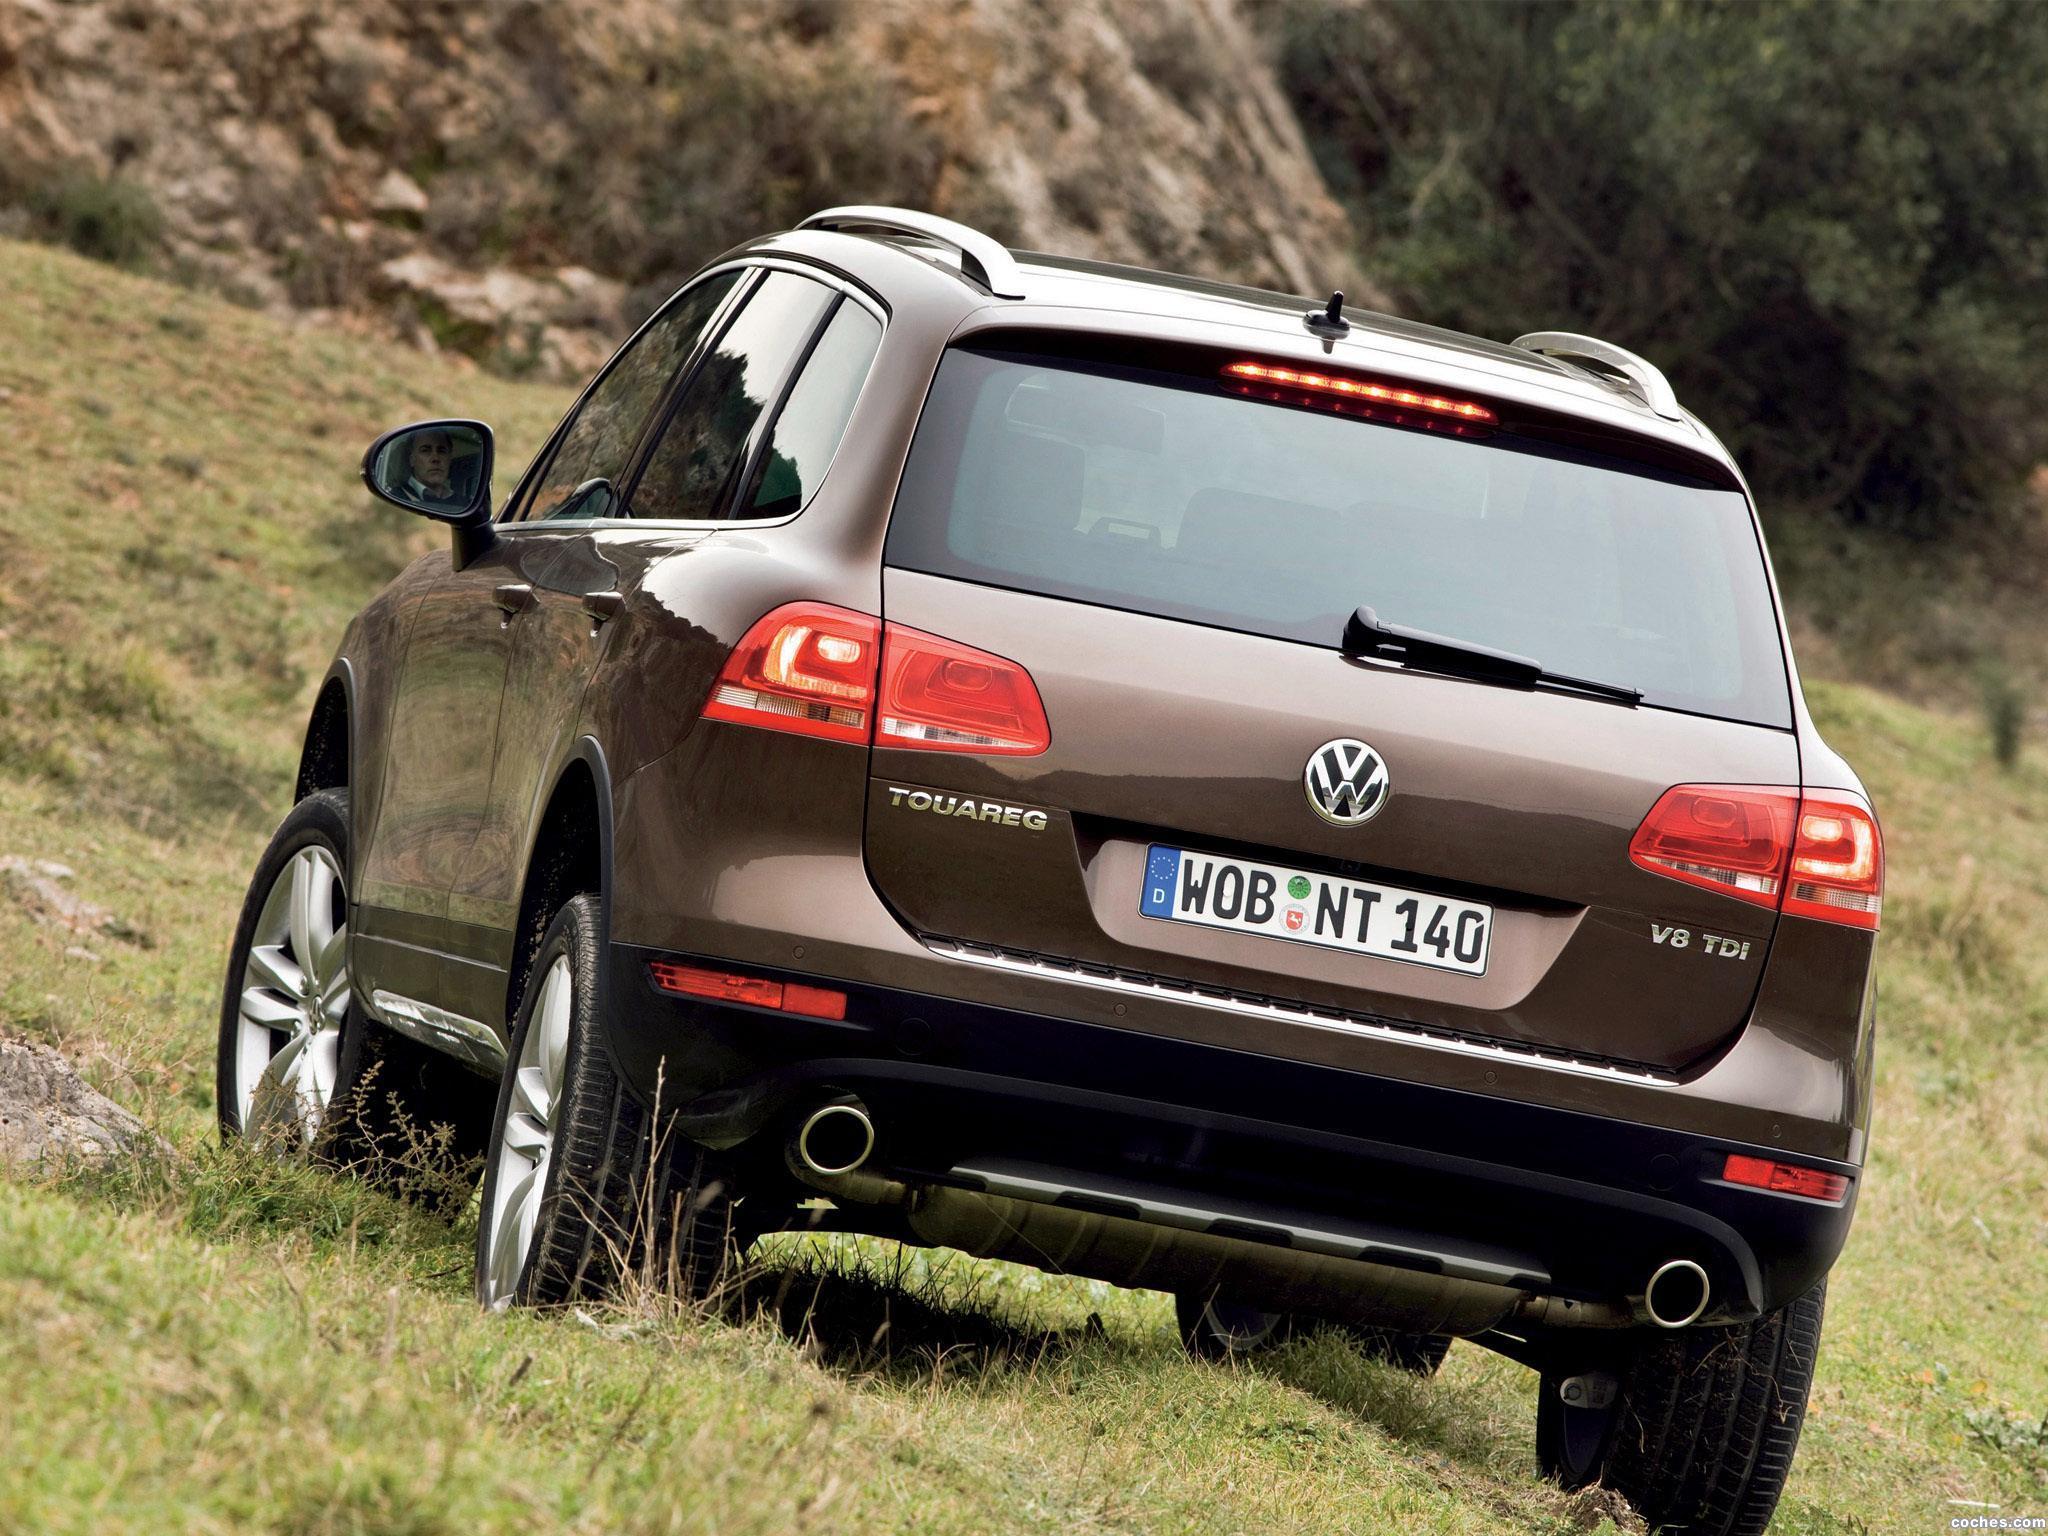 Foto 10 de Volkswagen Touareg V8 TDi 2010